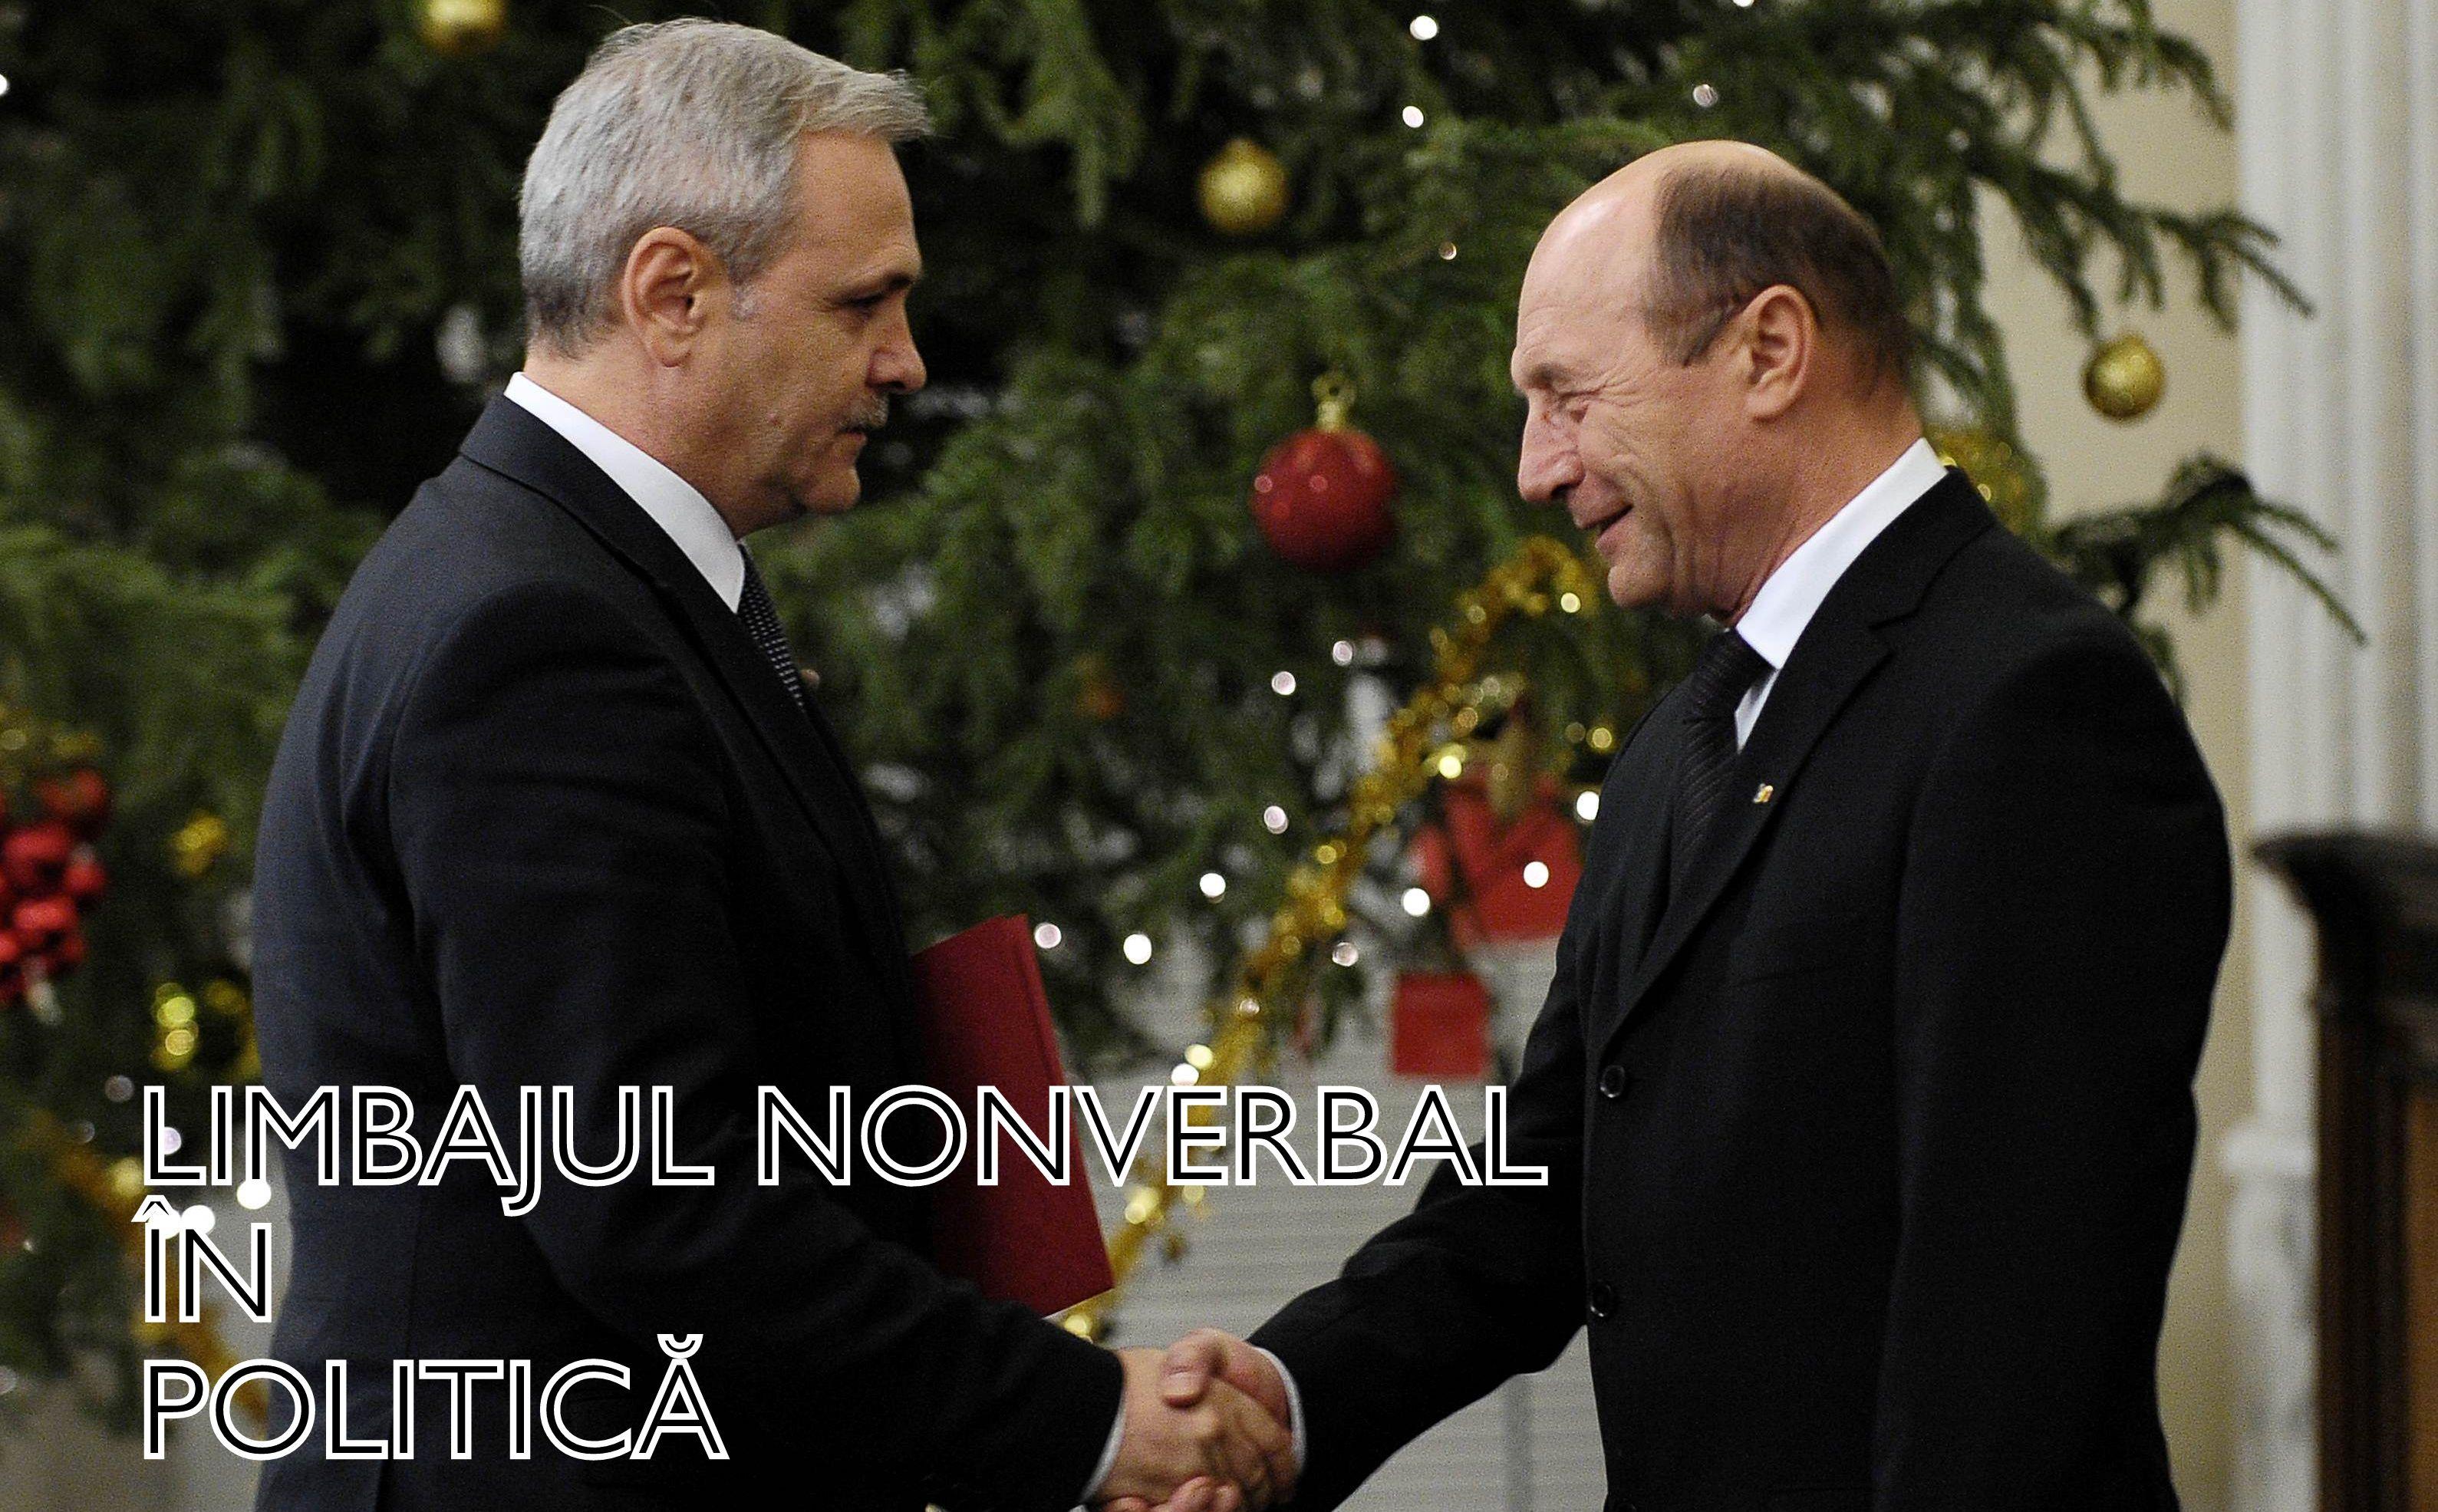 LIMBAJUL NONVERBAL LA TRAIAN BĂSESCU ŞI LIVIU DRAGNEA